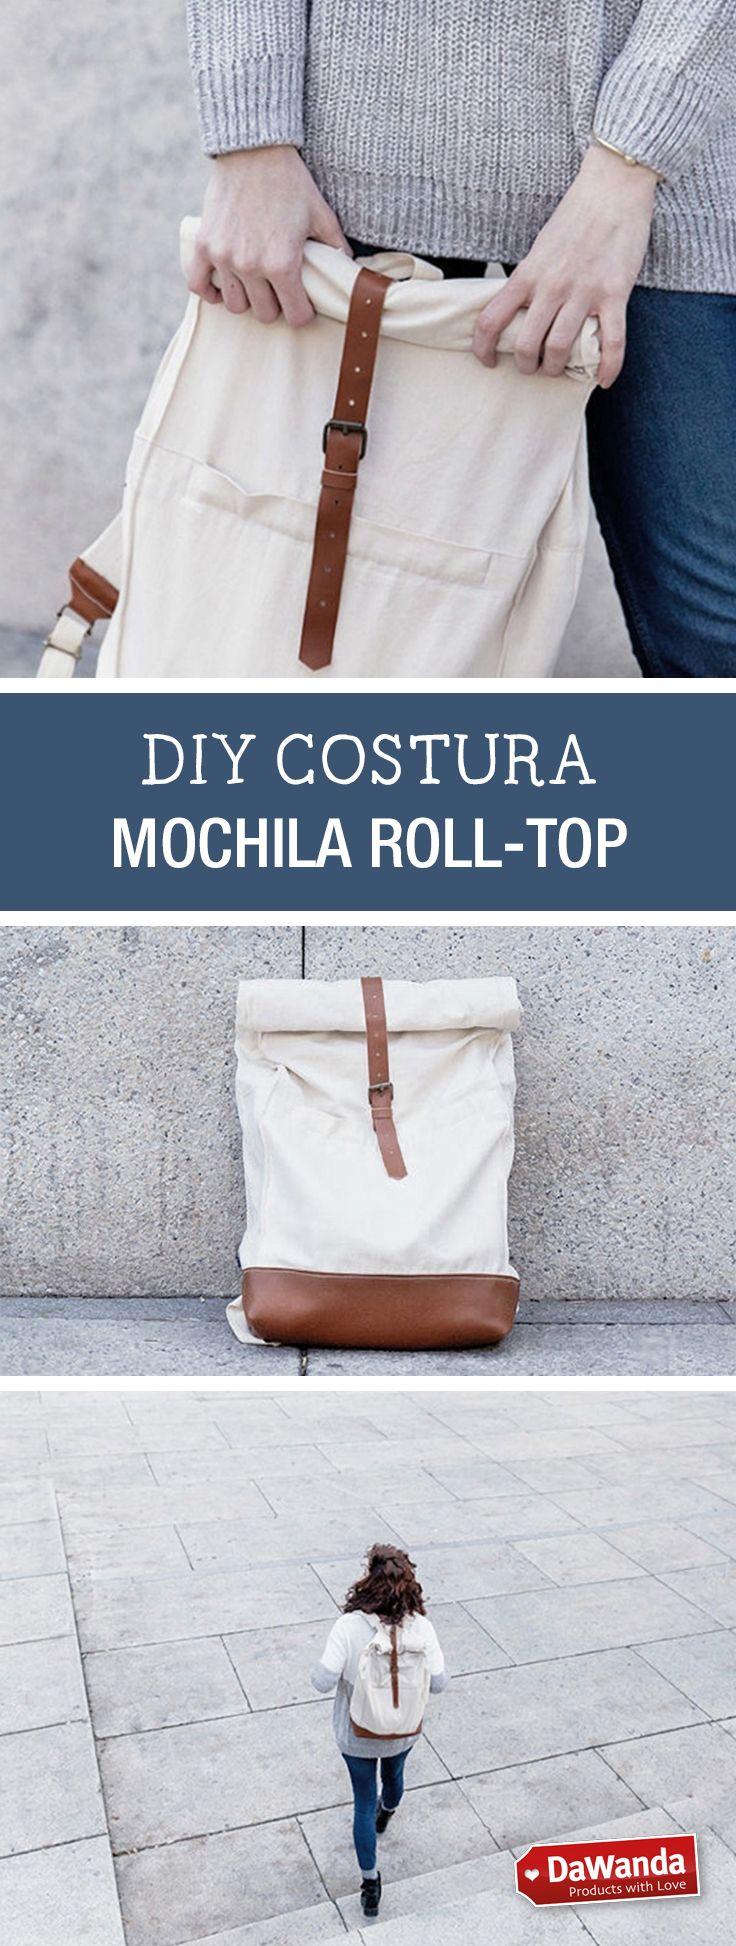 Tutoriales DIY: Cómo hacer una mochila de tela estilo Roll-Top vía ...